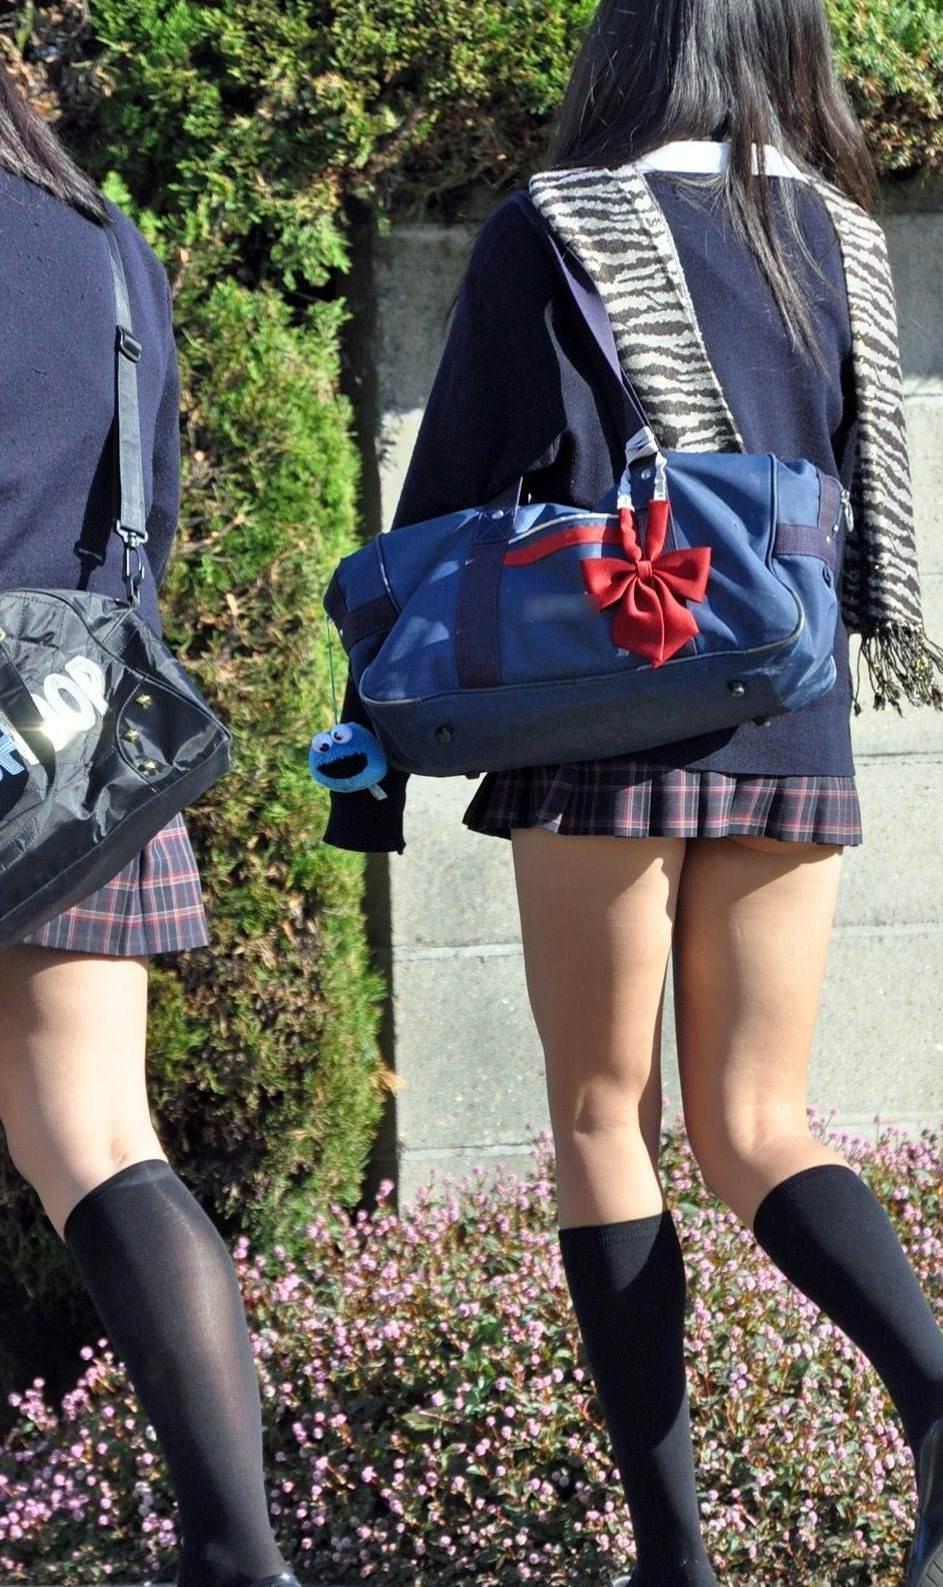 子供から大人になりかけの無防備なJK画像wwwwwwww 2UWPCx8